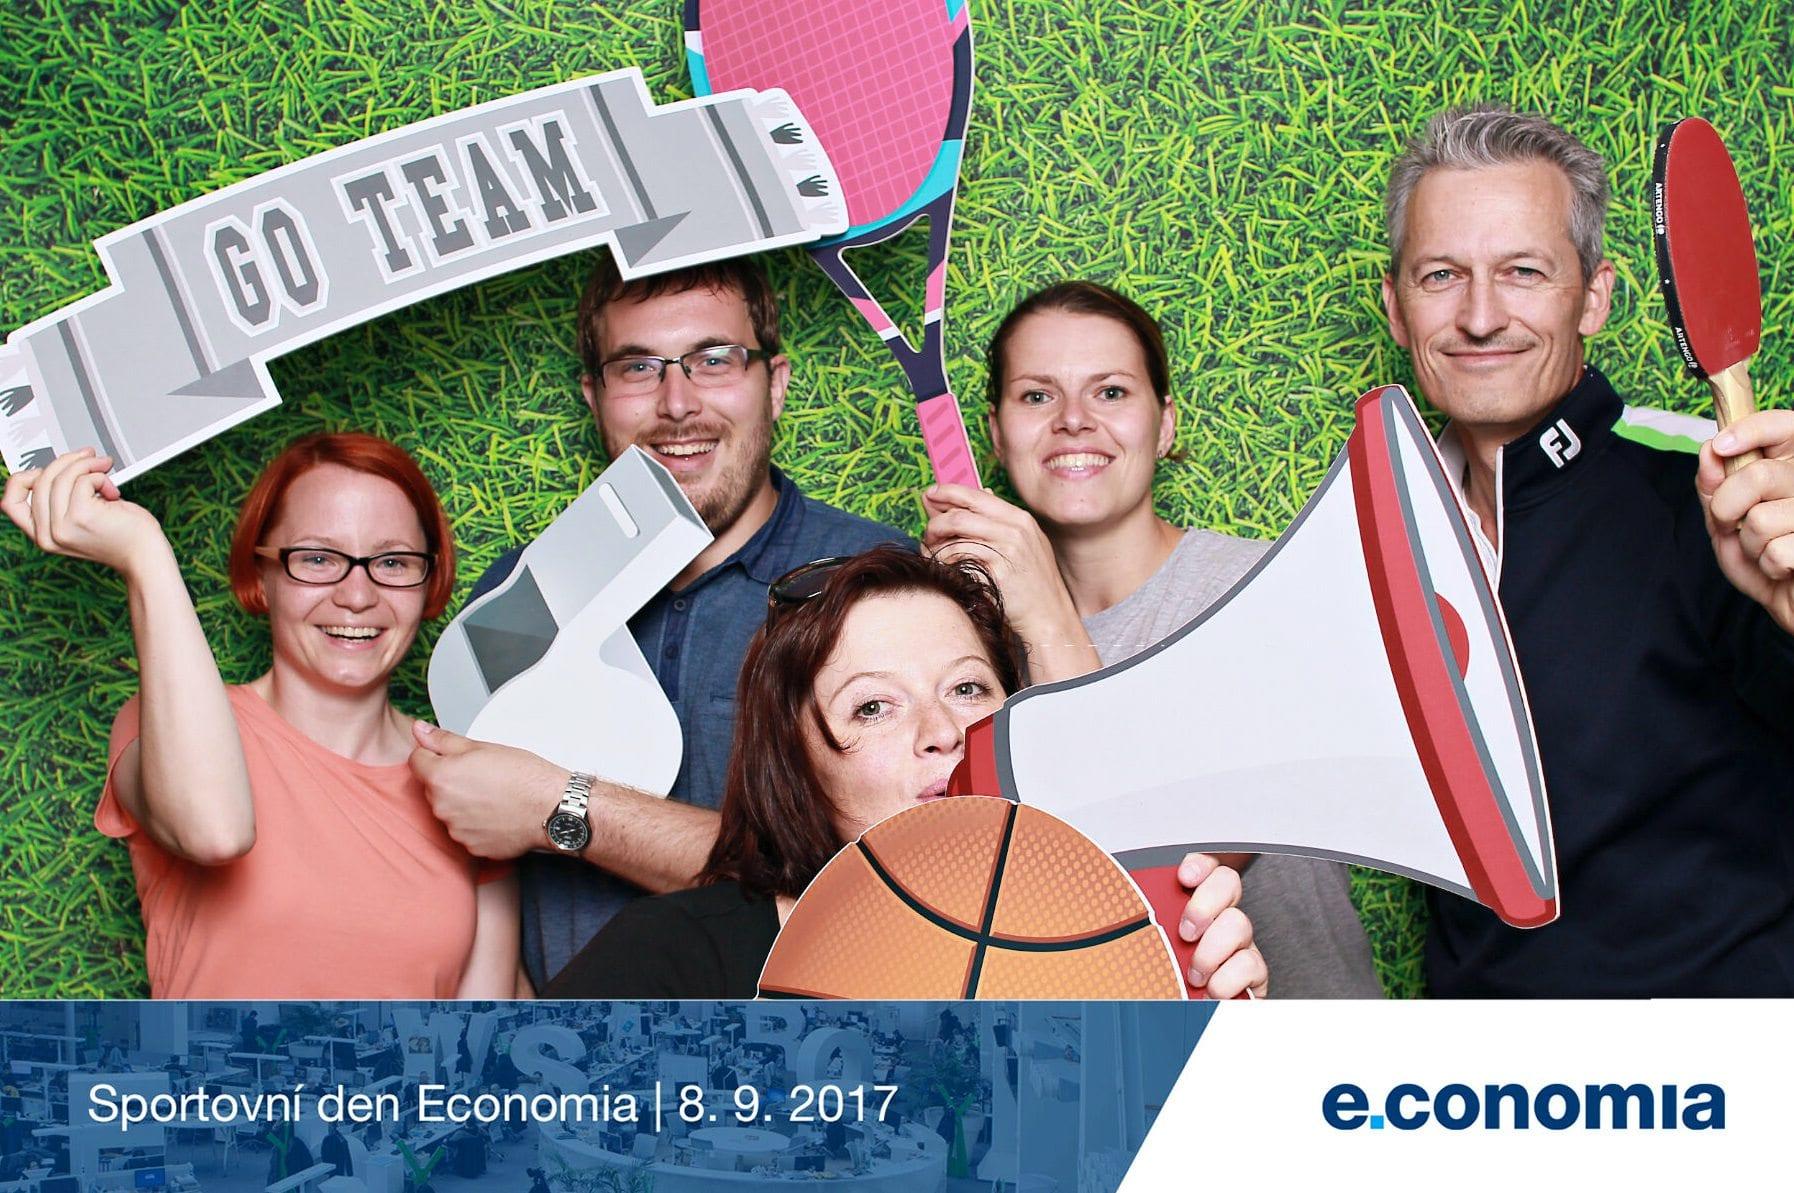 fotokoutek-economia-8-9-2017-309148